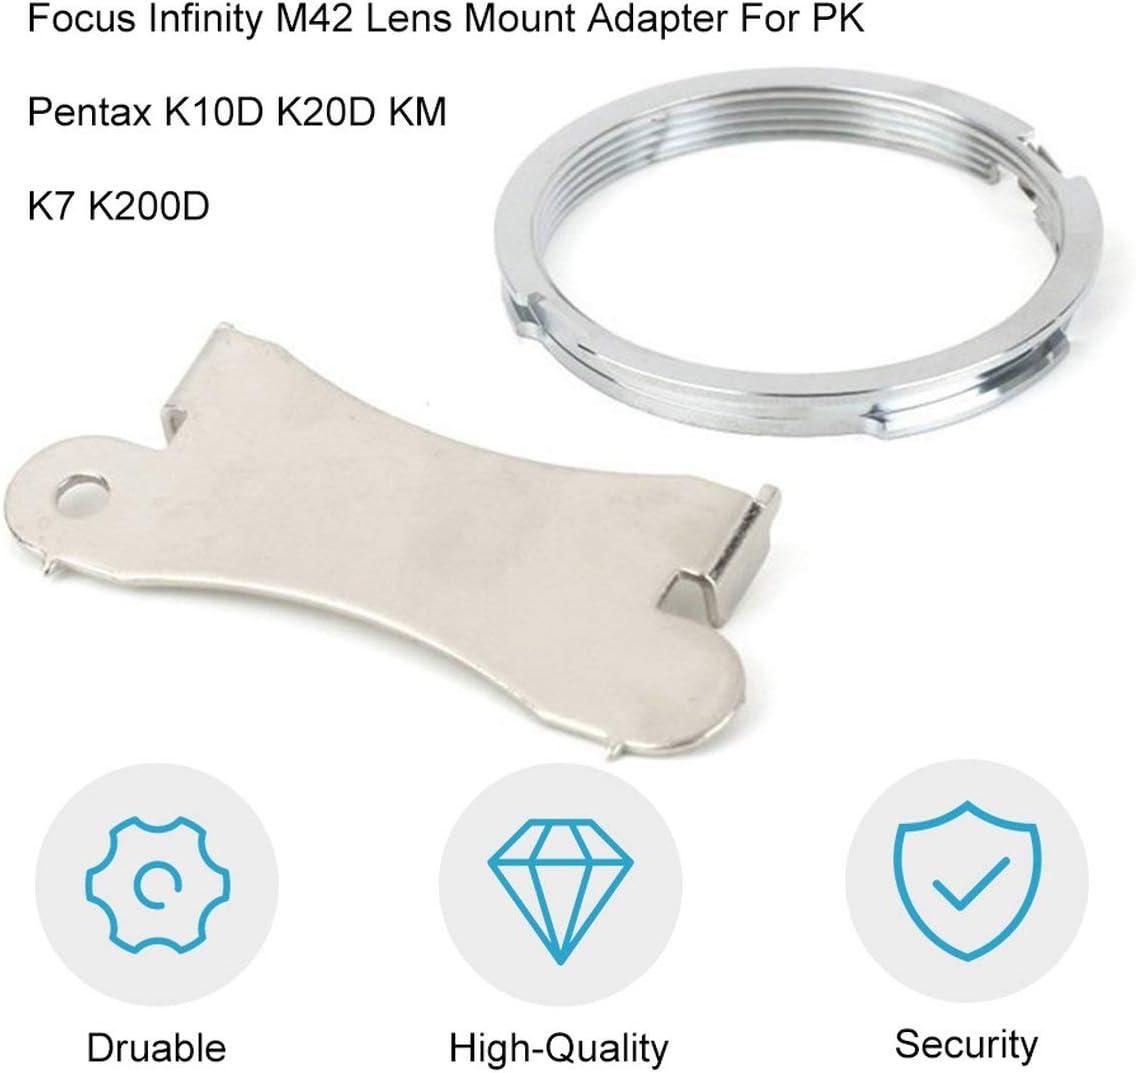 Jullynice Profession Silver Lens Adapter Ring Focus Infinity M42 Lens Mount Adapter for PK for Pentax K10D K20D KM K7 K200D